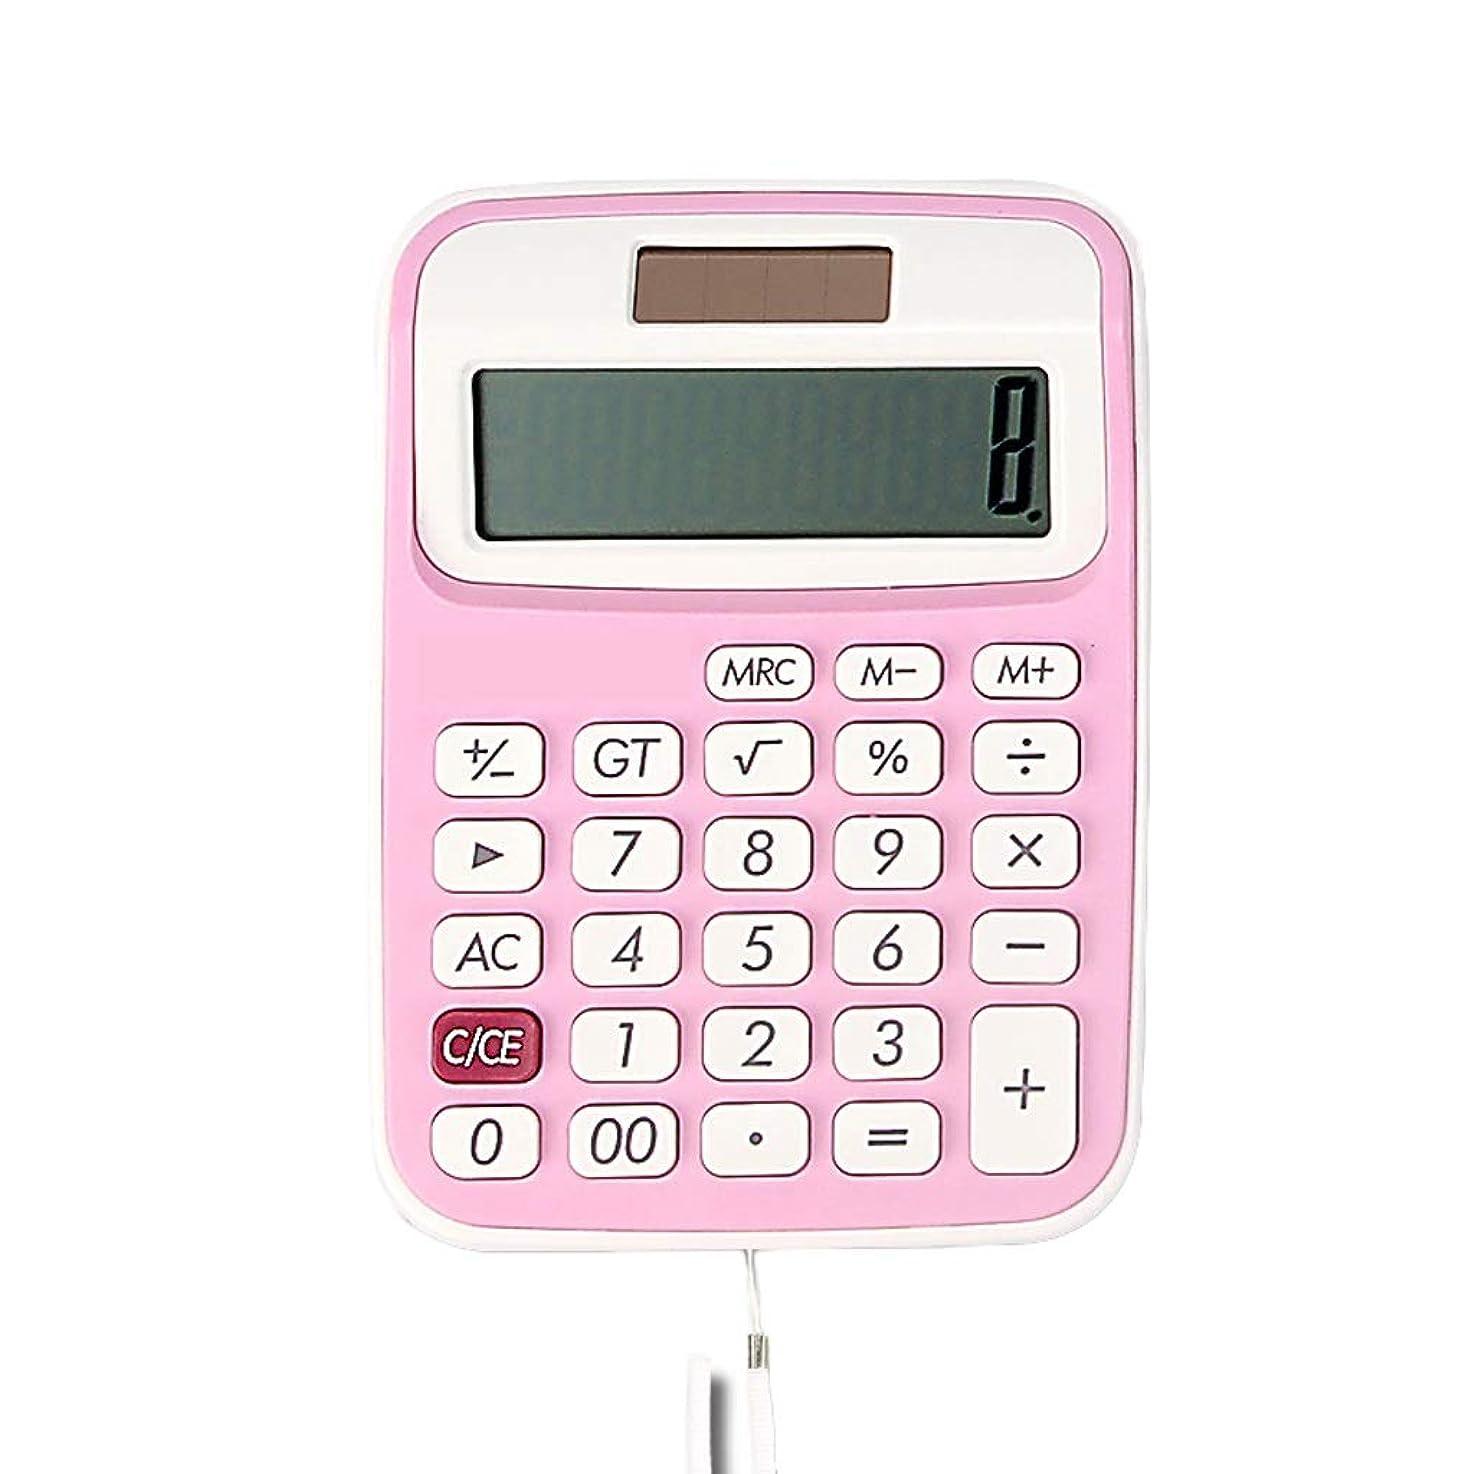 極地病者うがいHaodan 電卓 ソーラーデュアルパワー ポータブル ミニ計算機 キュート 小型 10桁 コンピューター ランヤード付き ピンク 12366